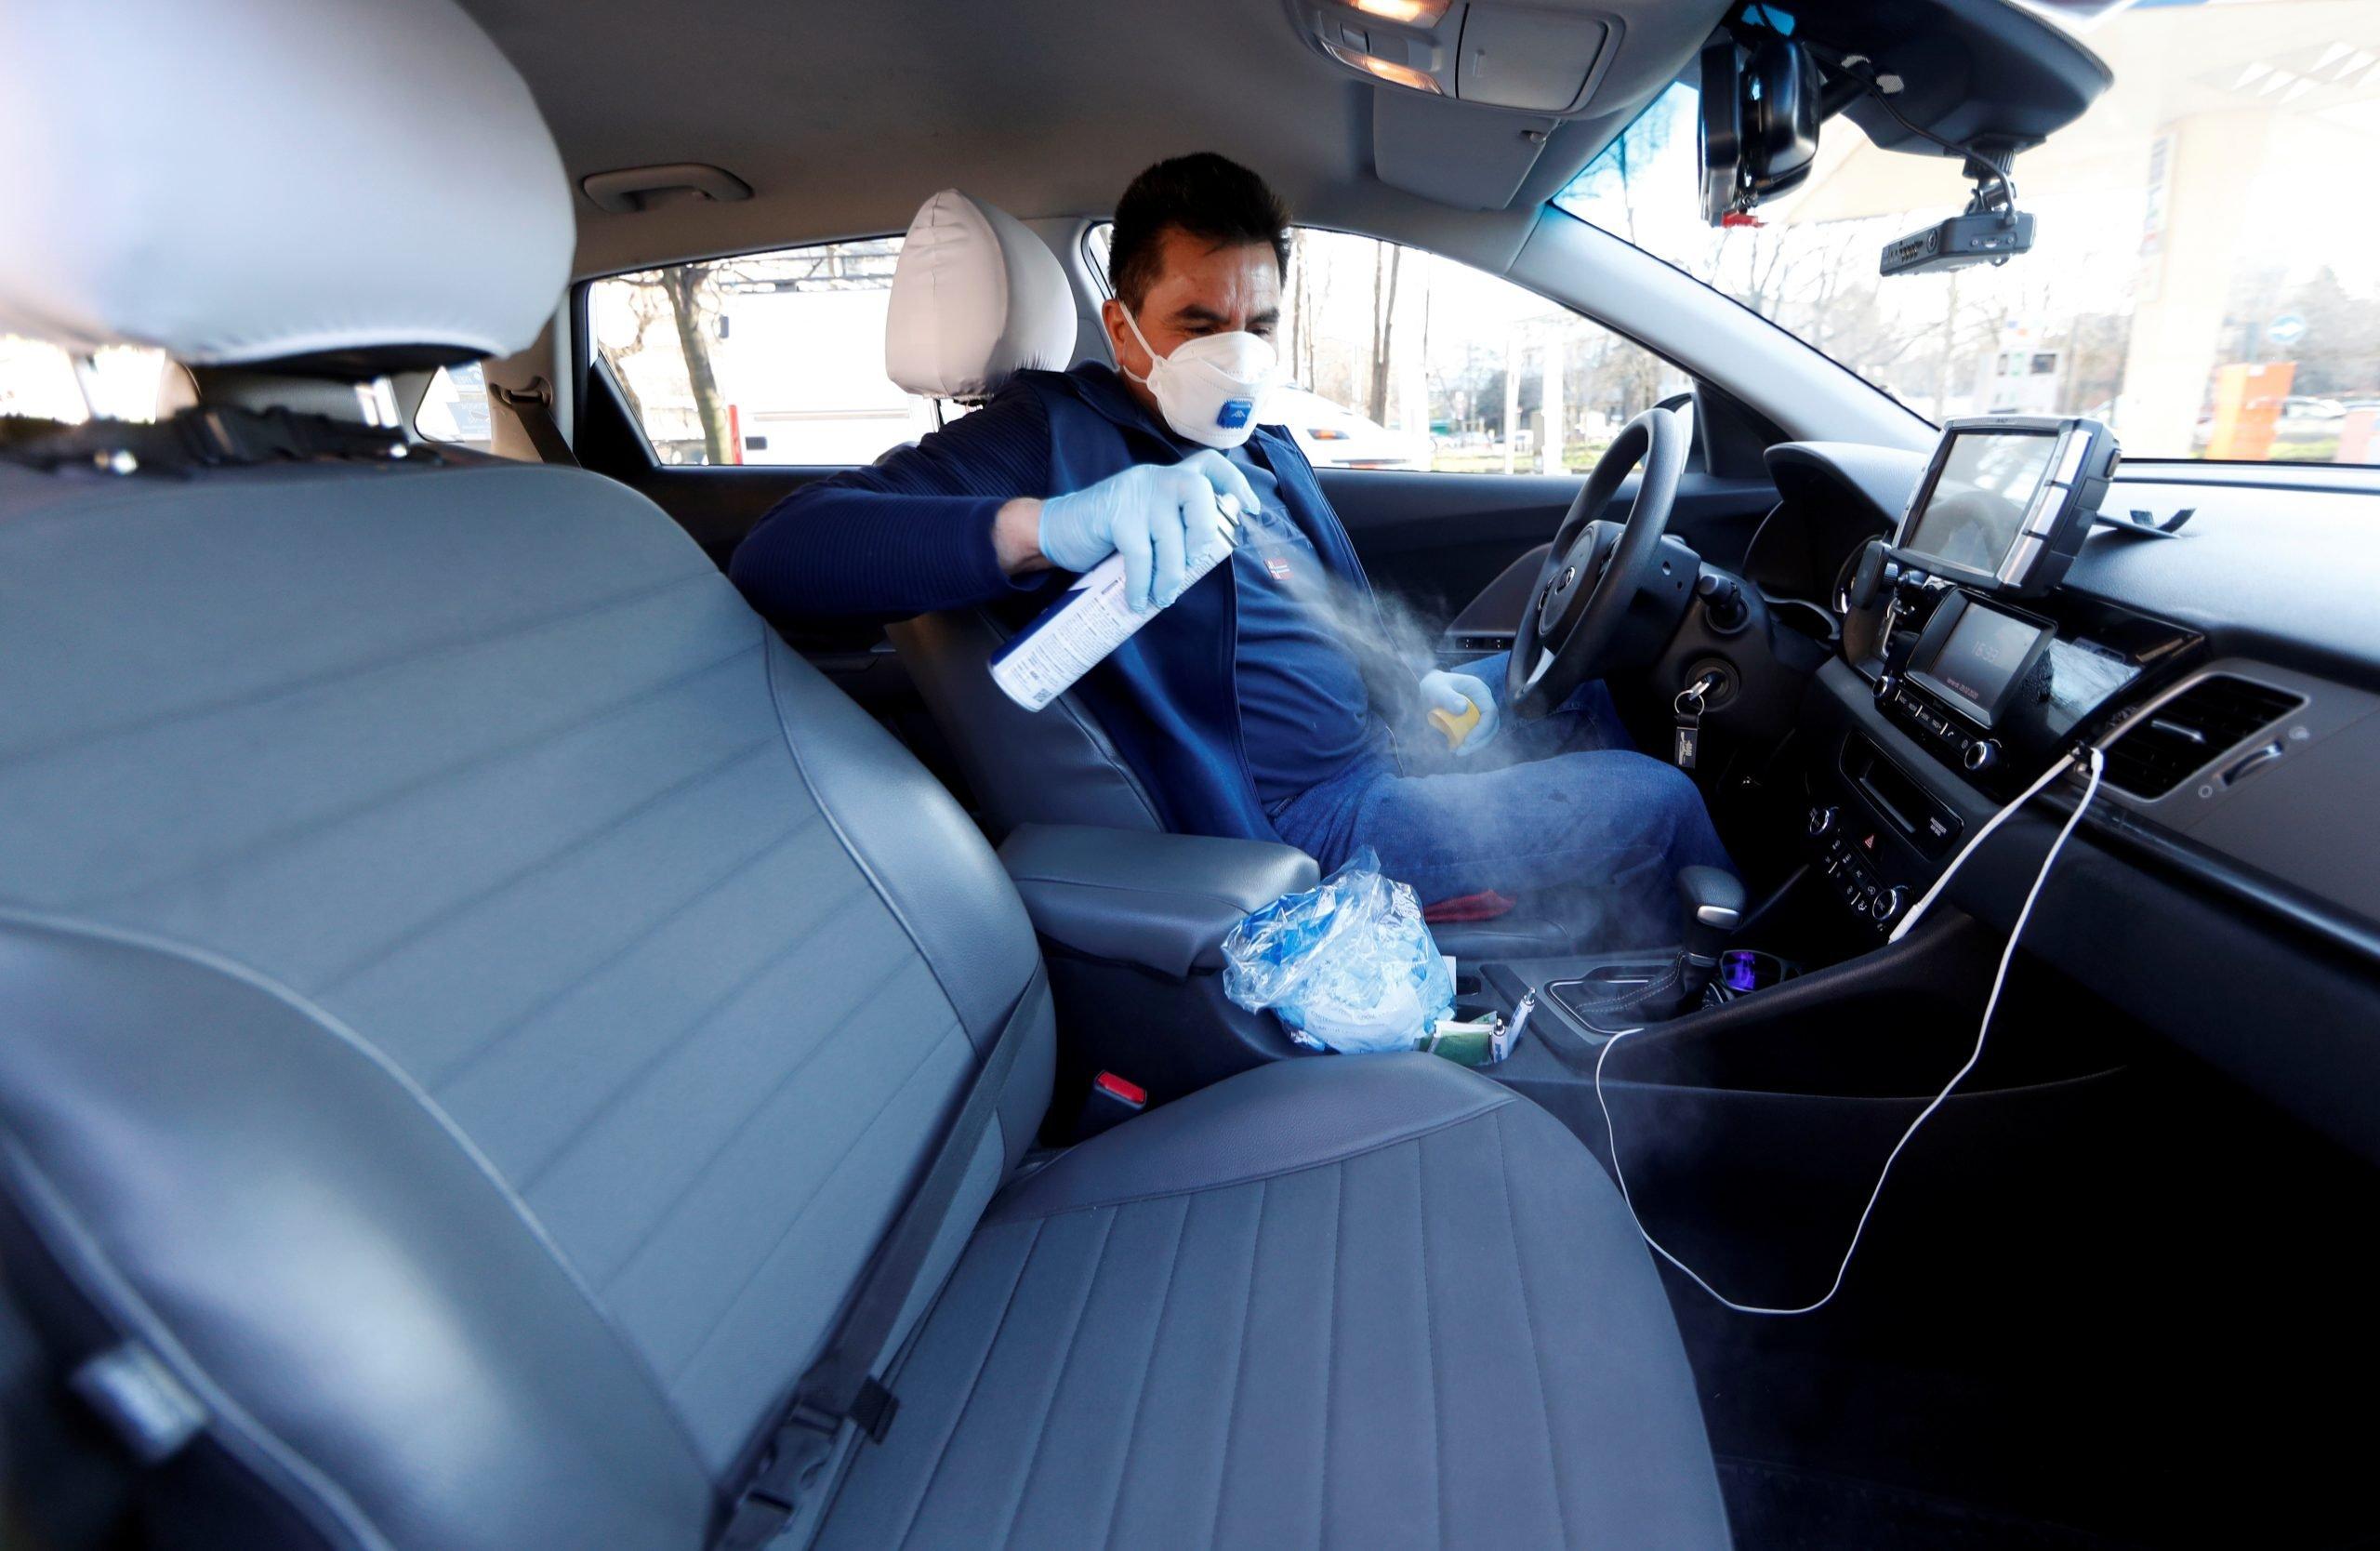 Більше, ніж двоє? – У поліції пояснили скільки людей можна перевозити в машині під час карантину